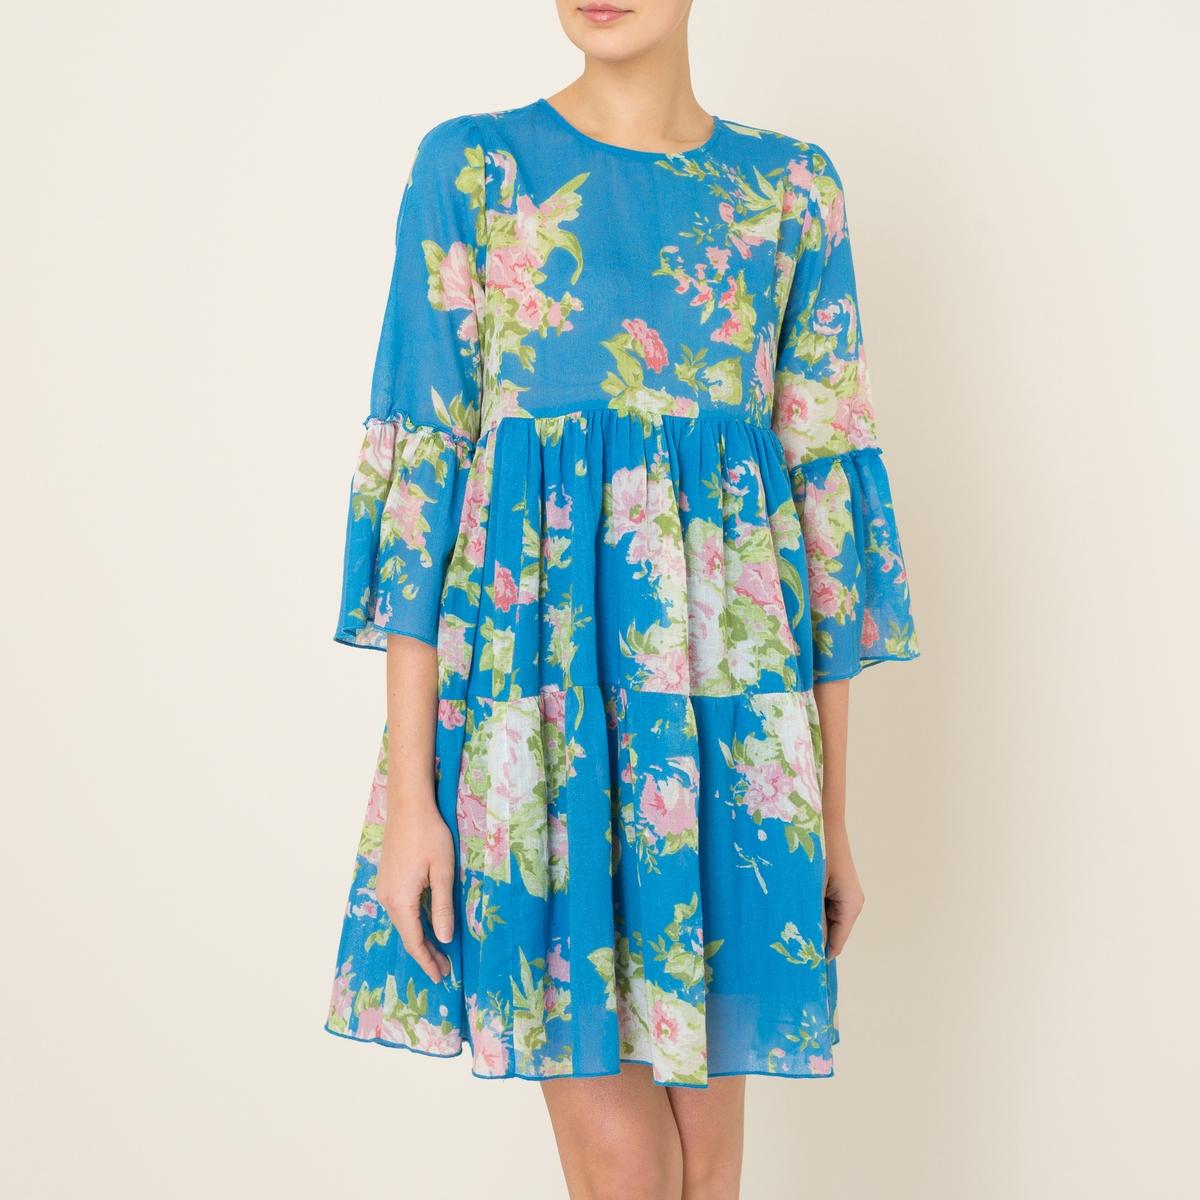 Платье с воланами ROMA TC03 FLOWERСостав и описание Материал : 100% хлопокДлина : ок.87 см. (для размера S)Марка : LEON AND HARPER<br><br>Цвет: синий